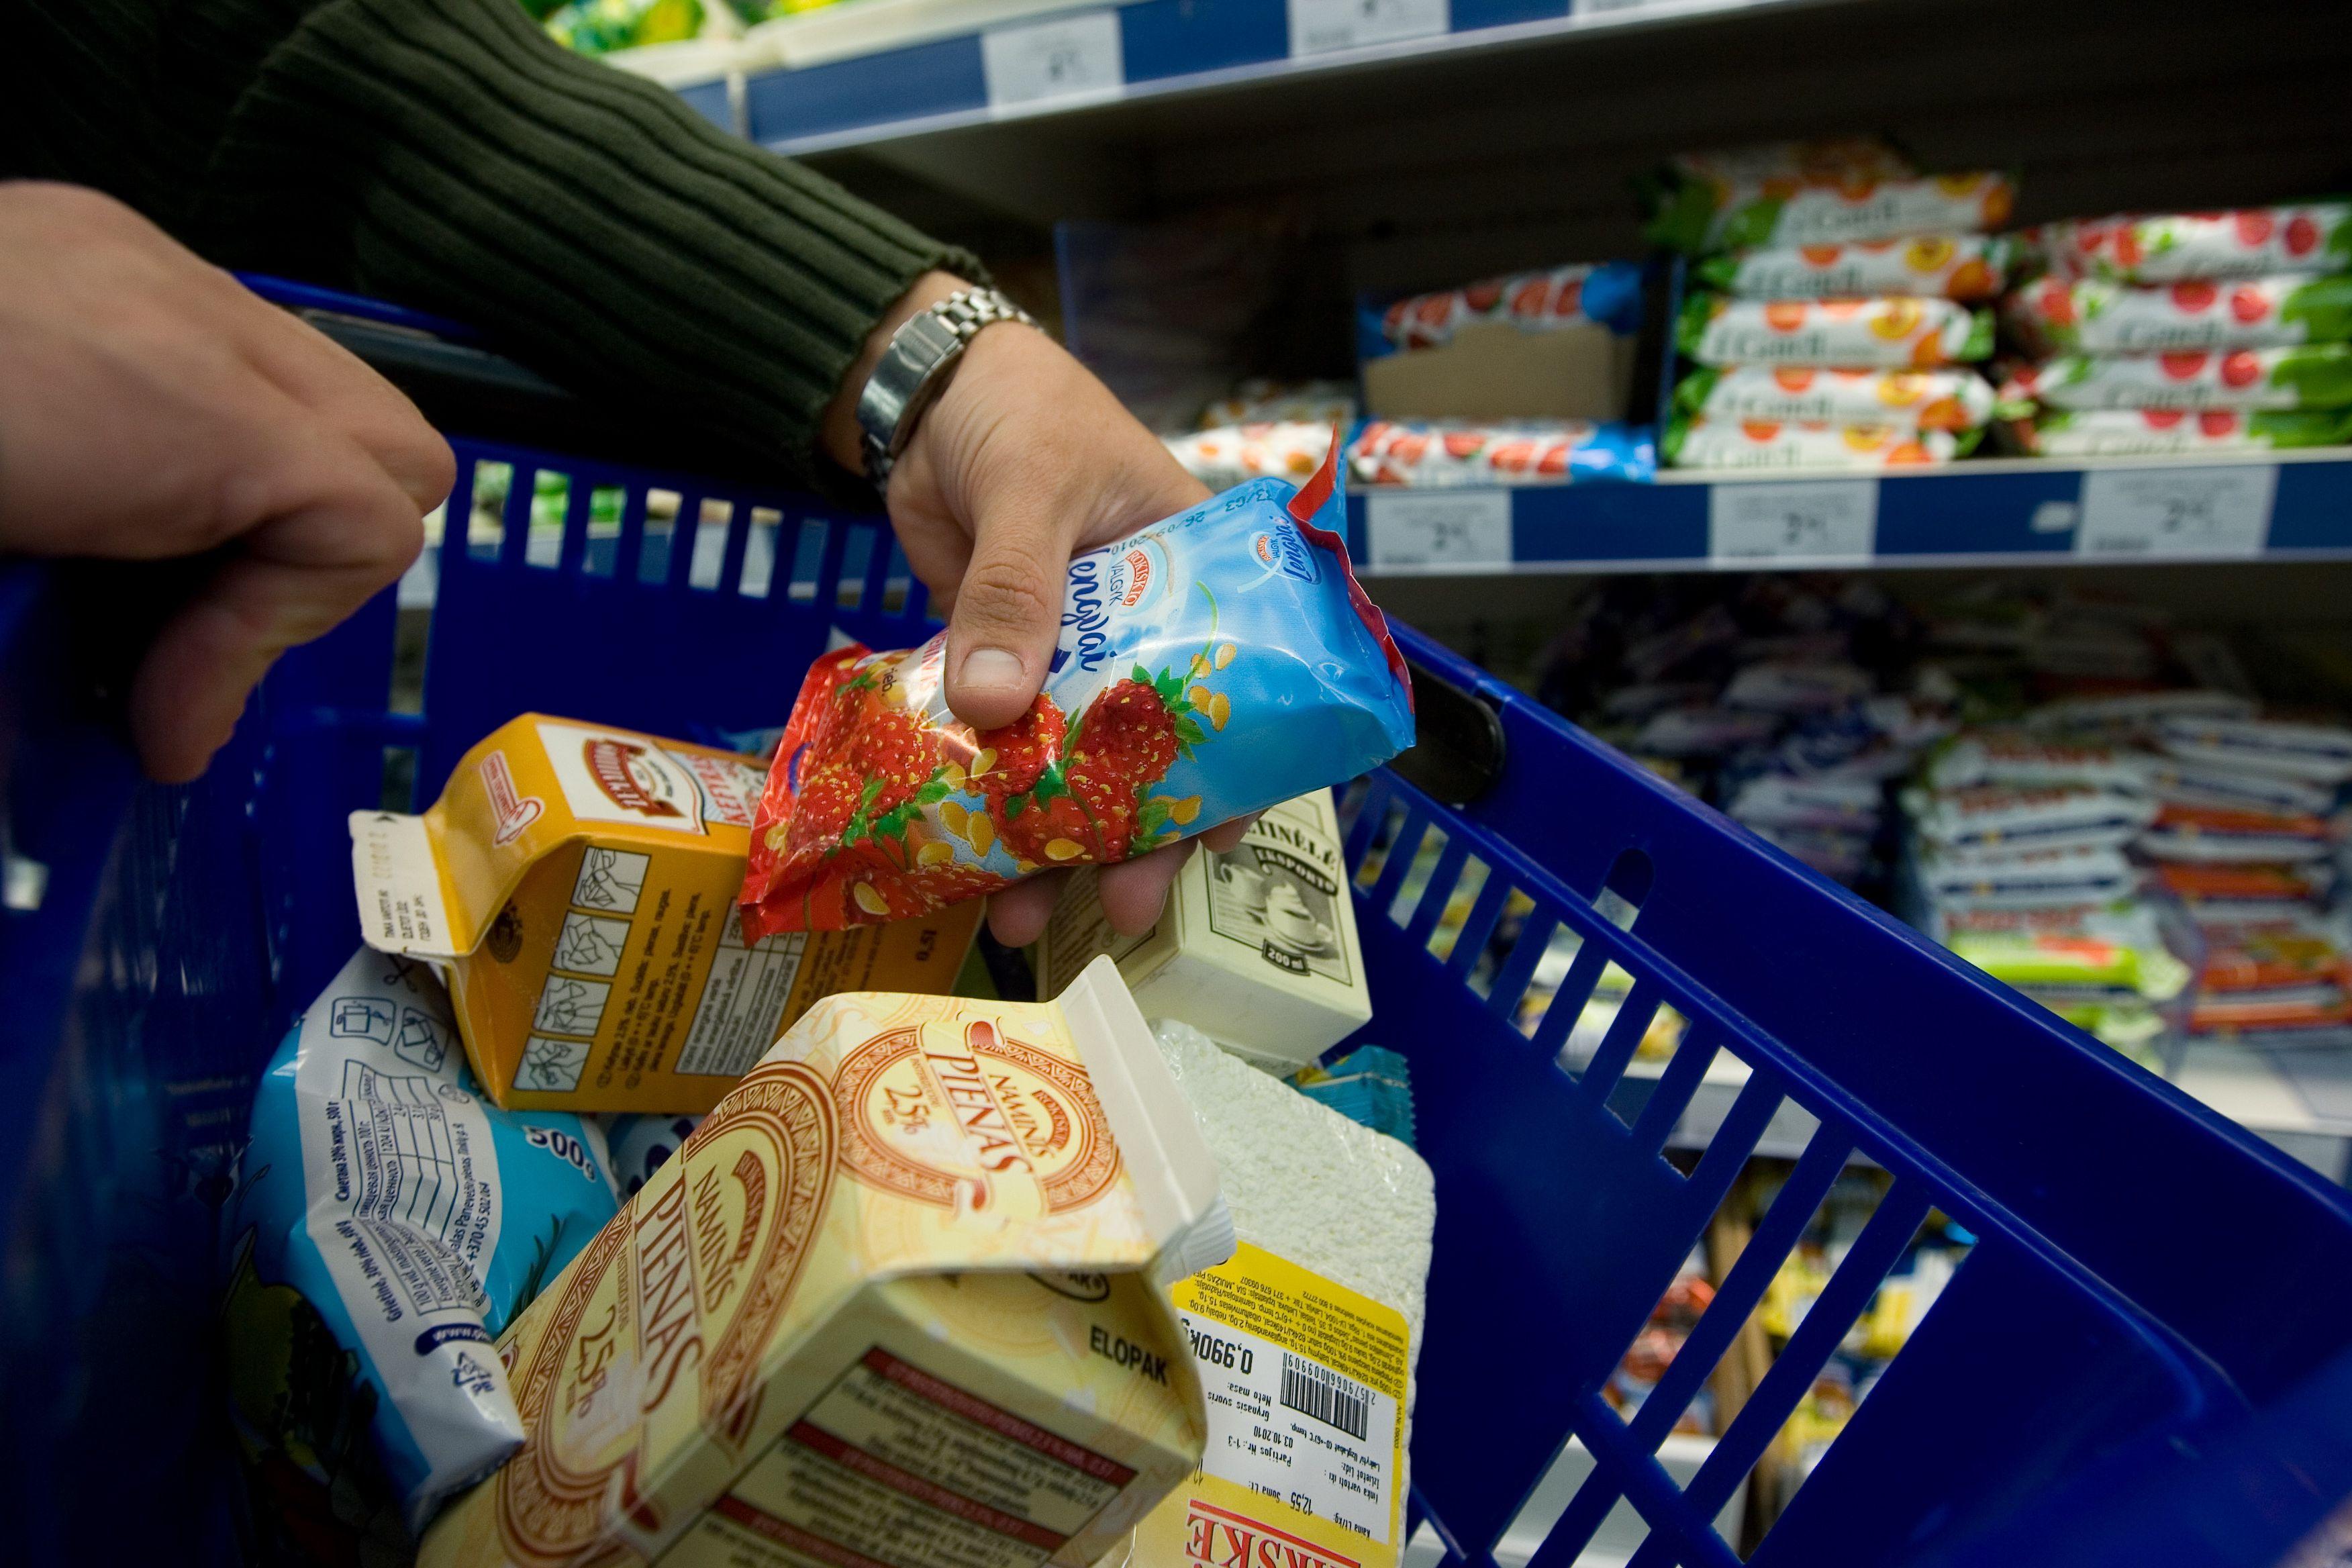 Per 17 metų maisto dalis išlaidose susitraukė 57%